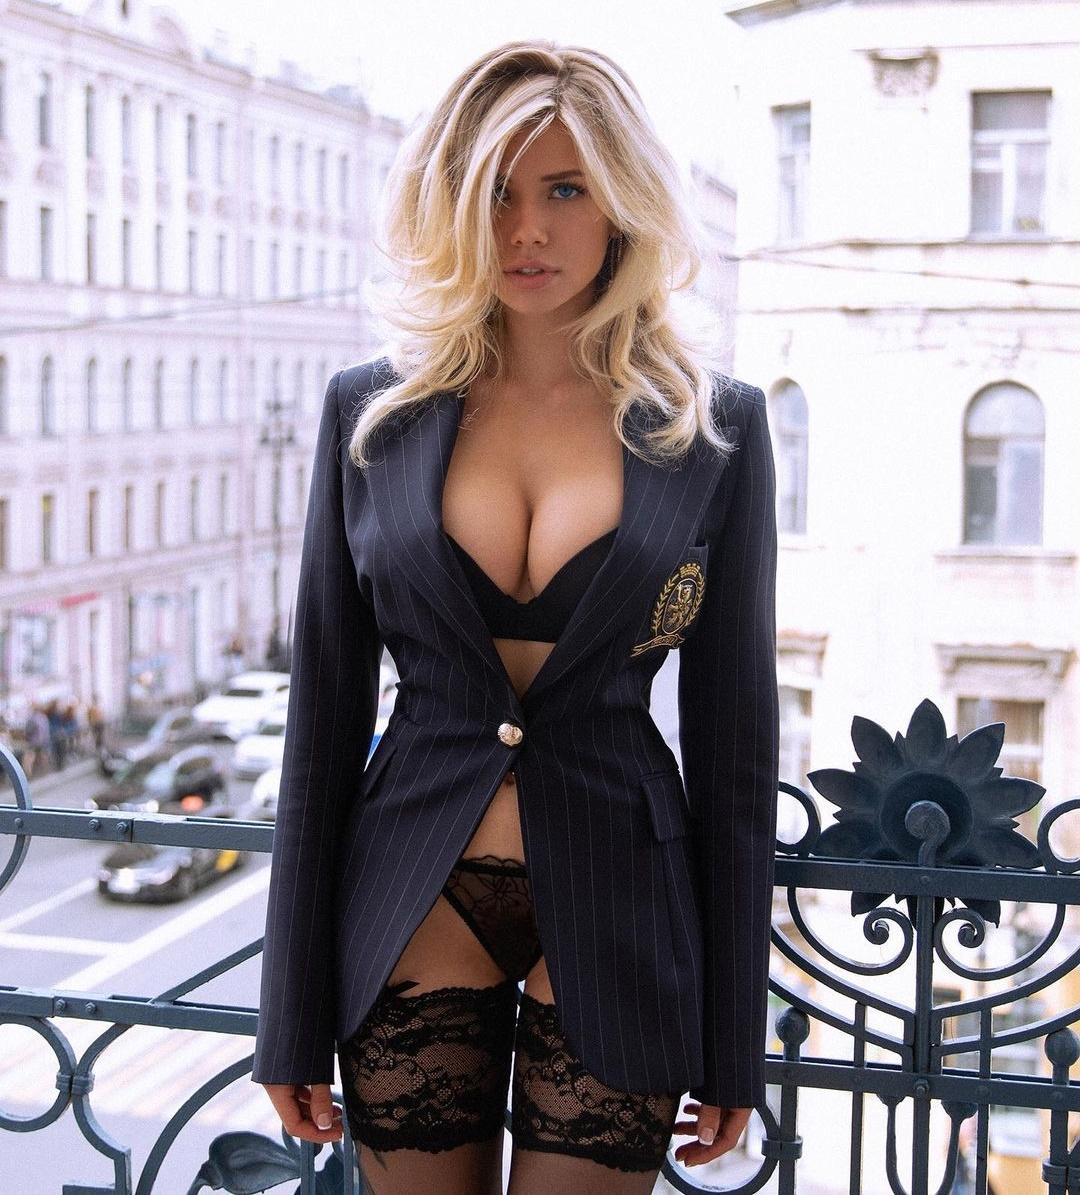 Natasha Natalee.007 Natalya Krasinova meest sexy vrouw ter wereld